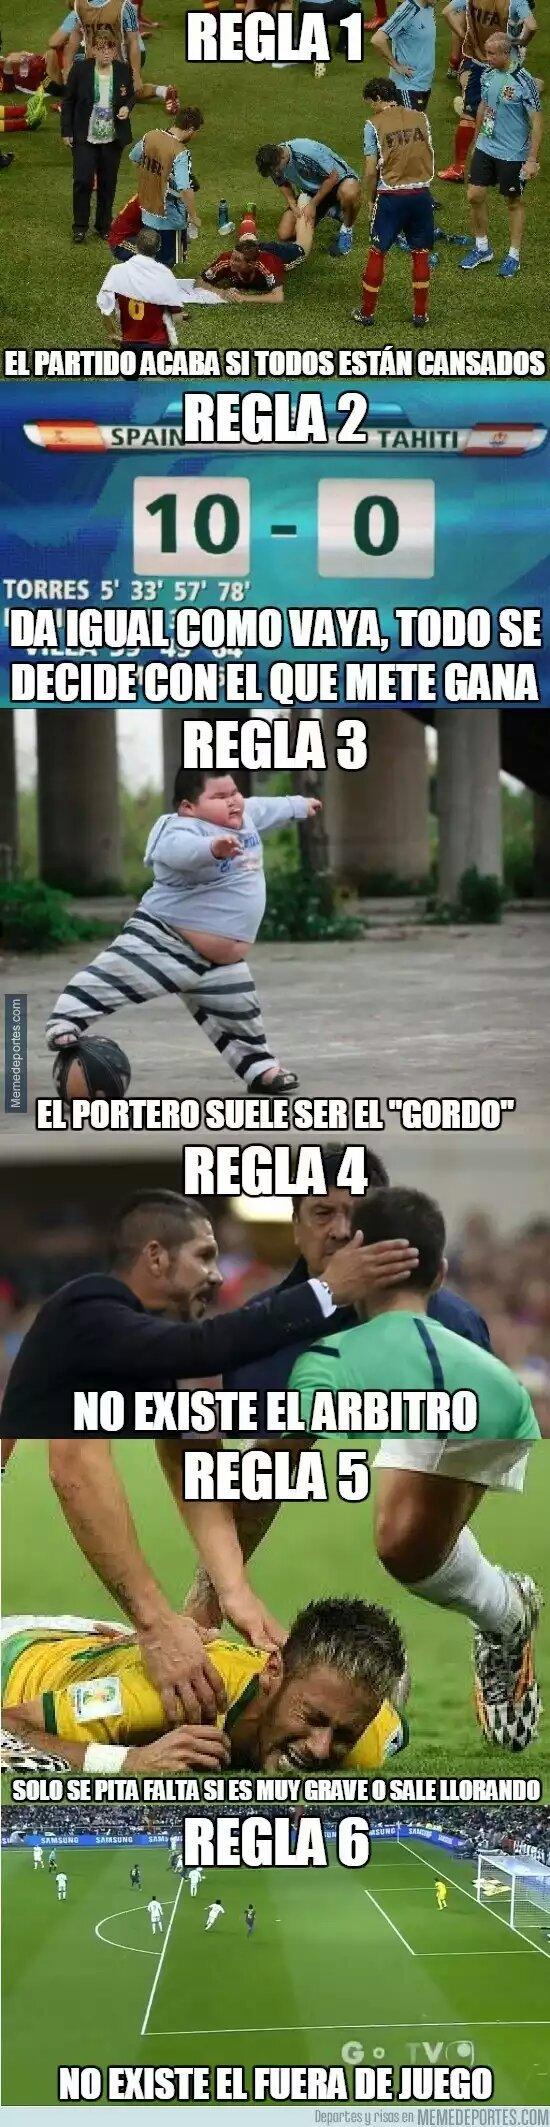 Reglas del futbol callejero - meme